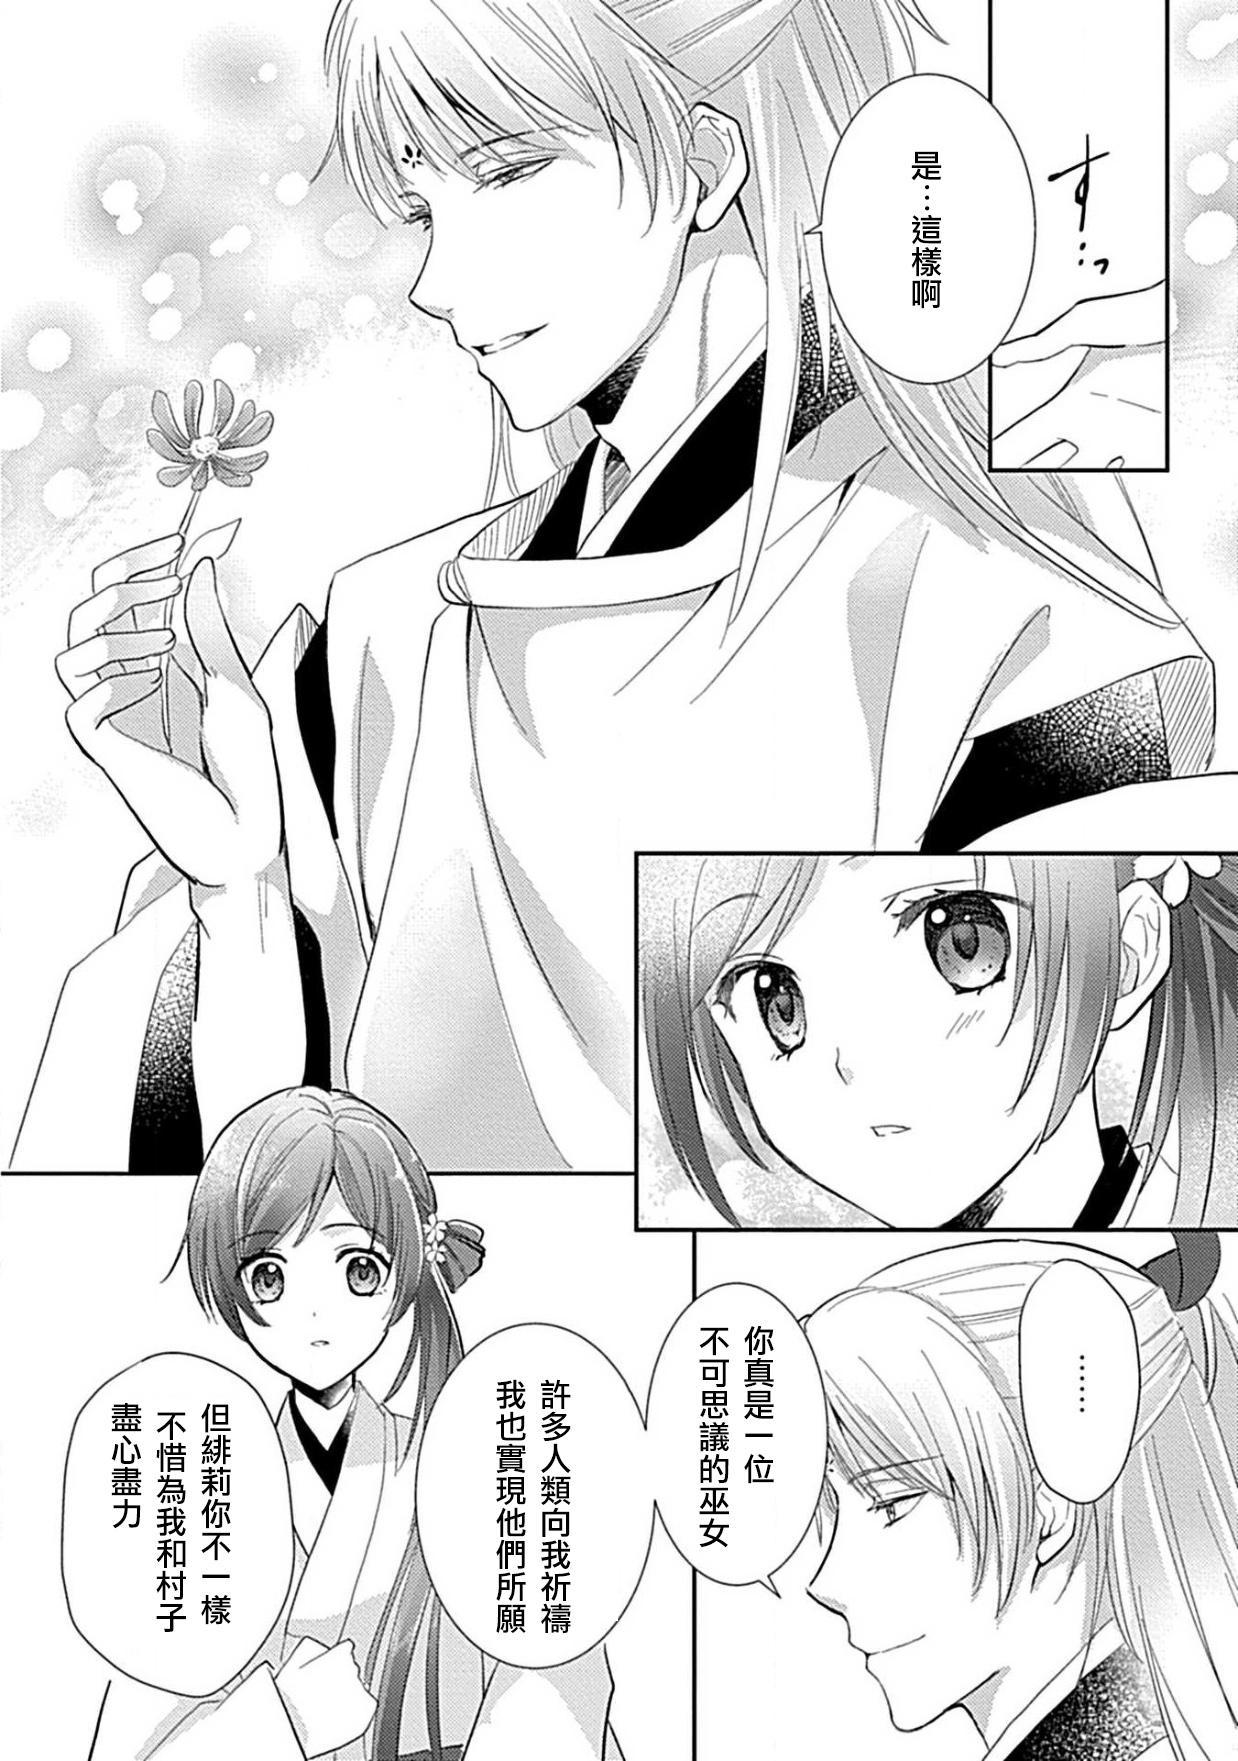 kyosei ranbu itoshi no kamisama ha amayaka ni osu deshita | 嬌聲亂舞 深愛的神明大人甜寵且英勇 22